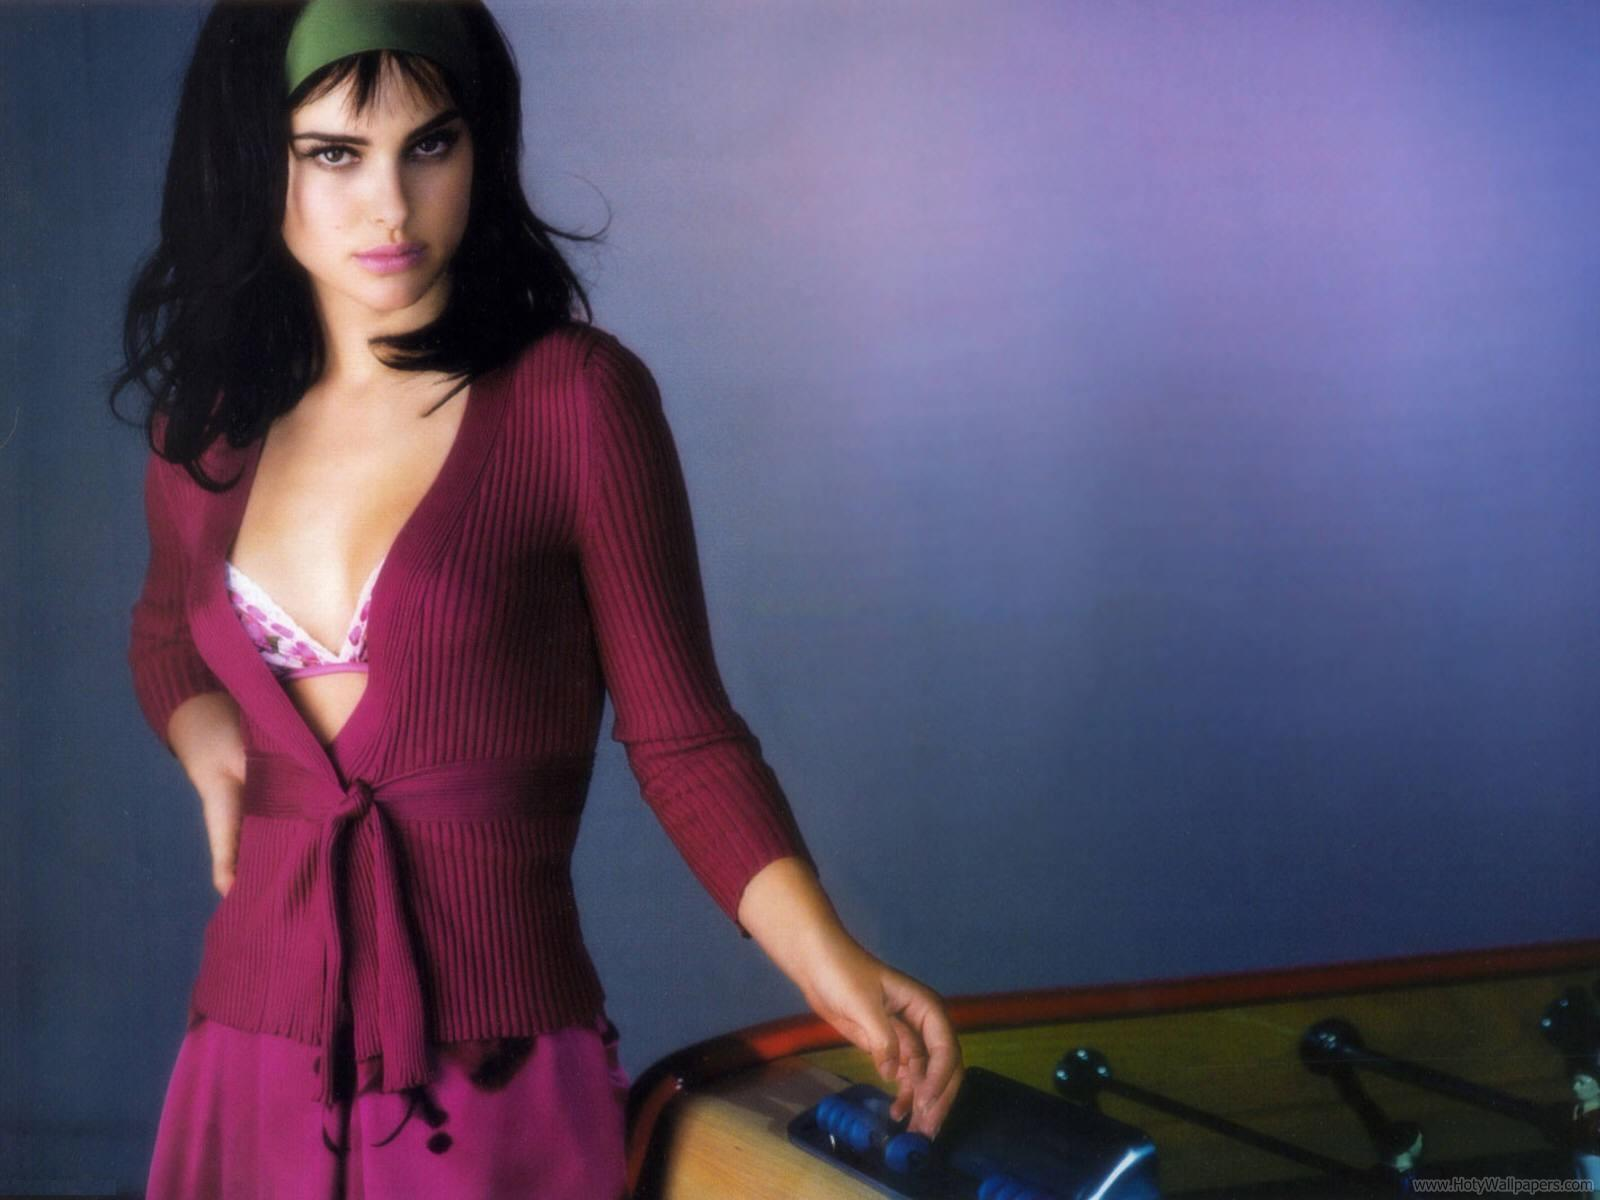 http://4.bp.blogspot.com/-4rcZsgvSCp0/TrQFAbiAOhI/AAAAAAAAOSA/TjLo8EmXU4k/s1600/natalie_portman_actress_wide_wallpaper-04-1600x1200.jpg